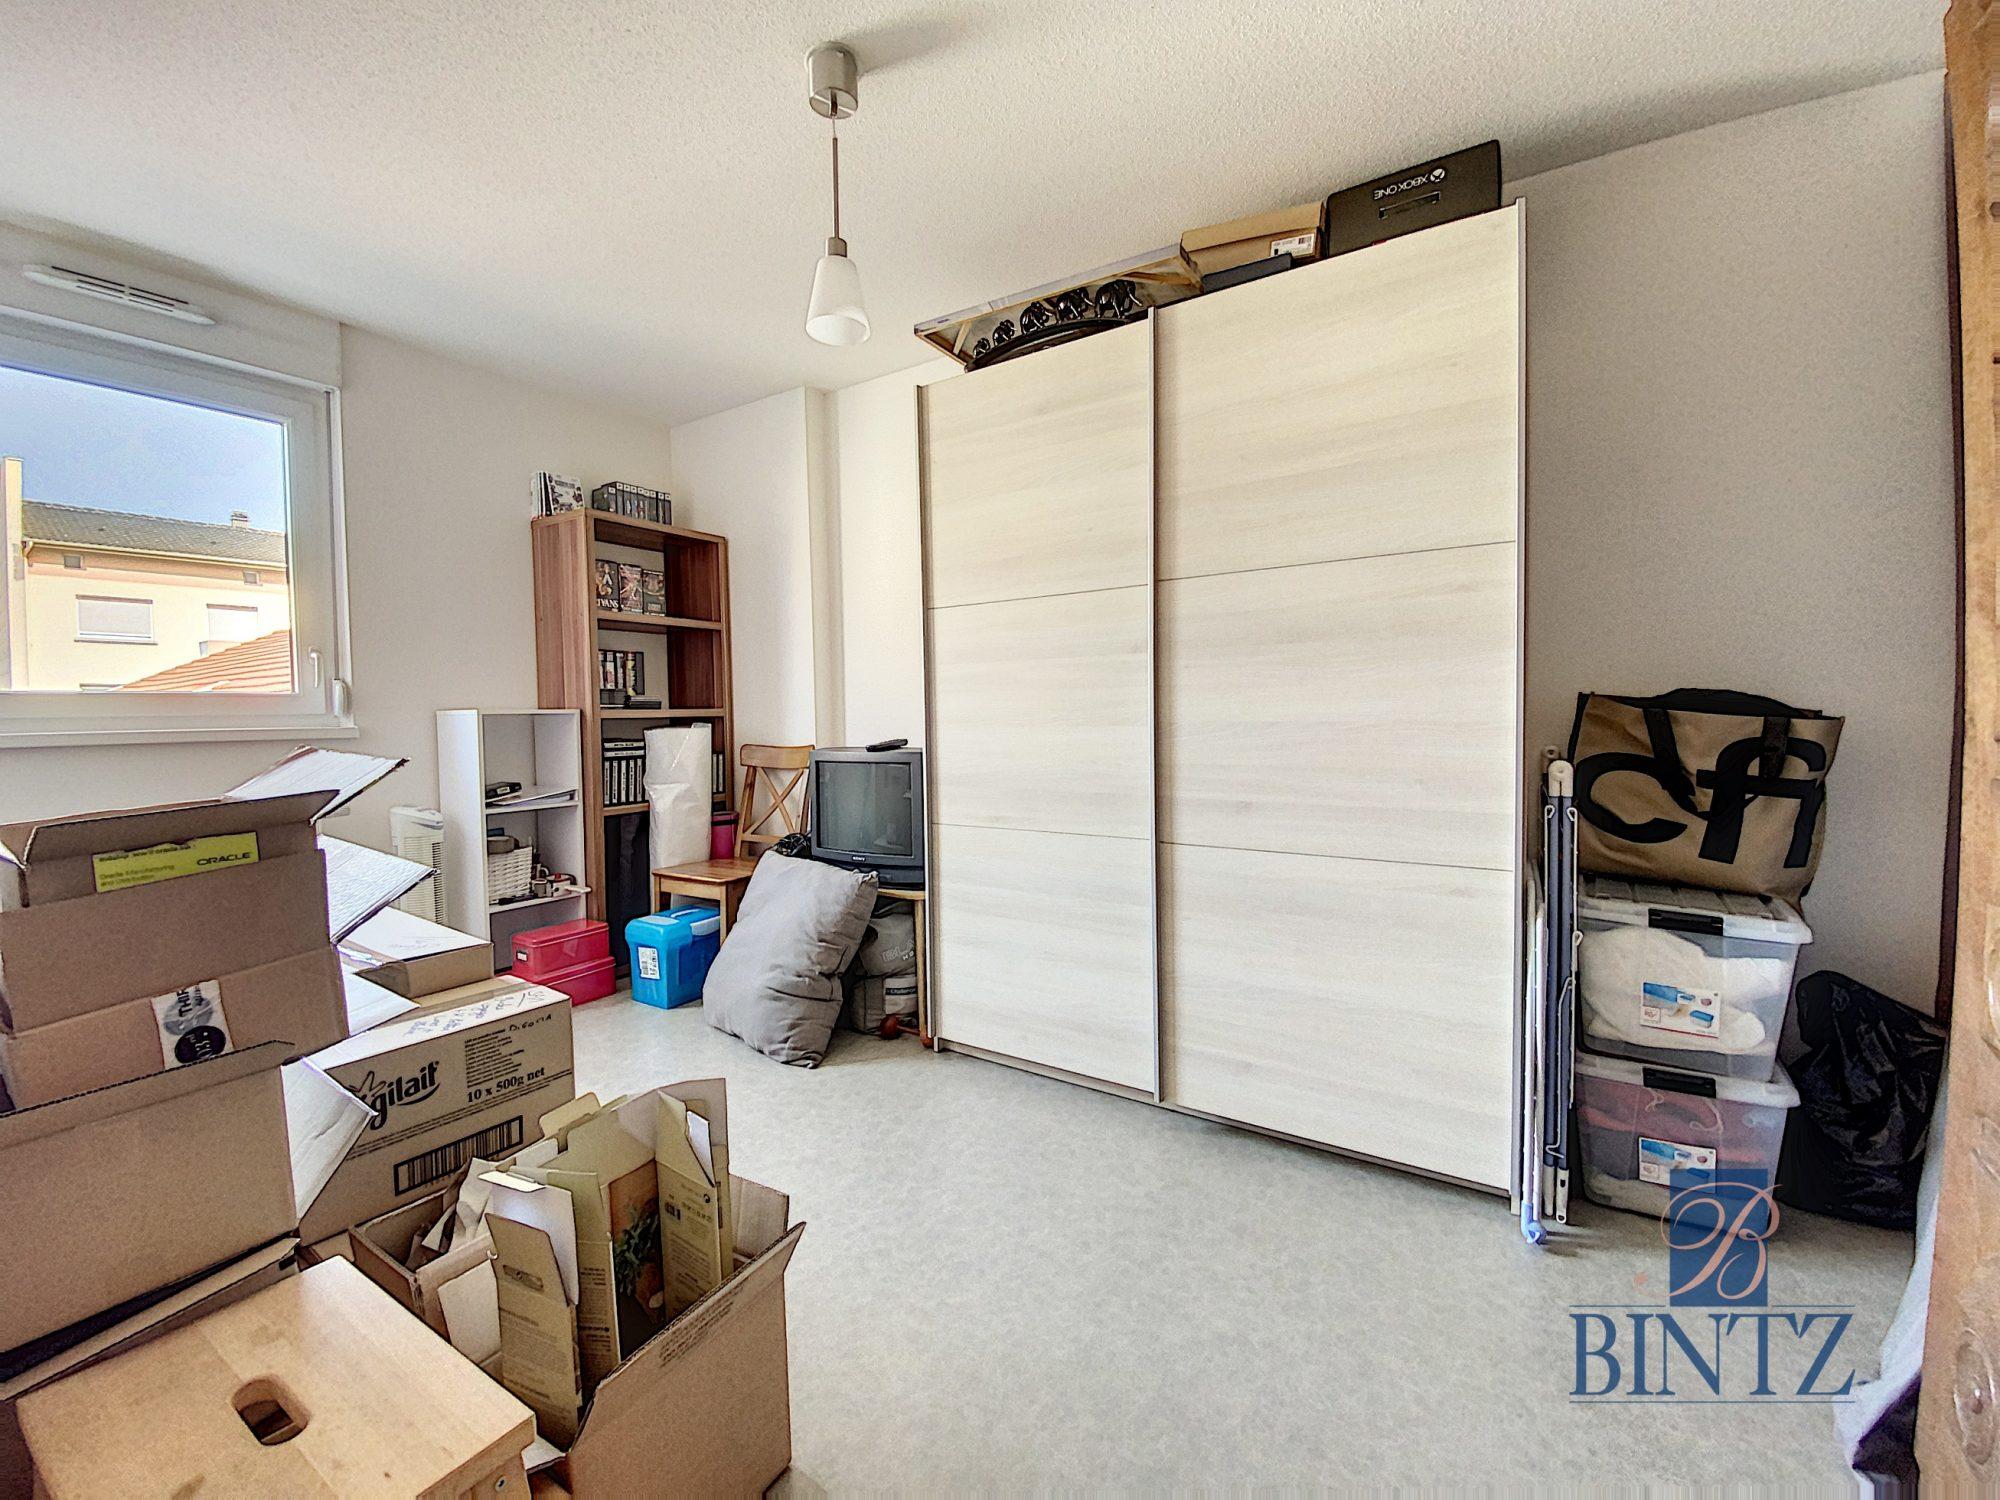 3 pièces neuf avec terrasse Schiltigheim - Devenez propriétaire en toute confiance - Bintz Immobilier - 16